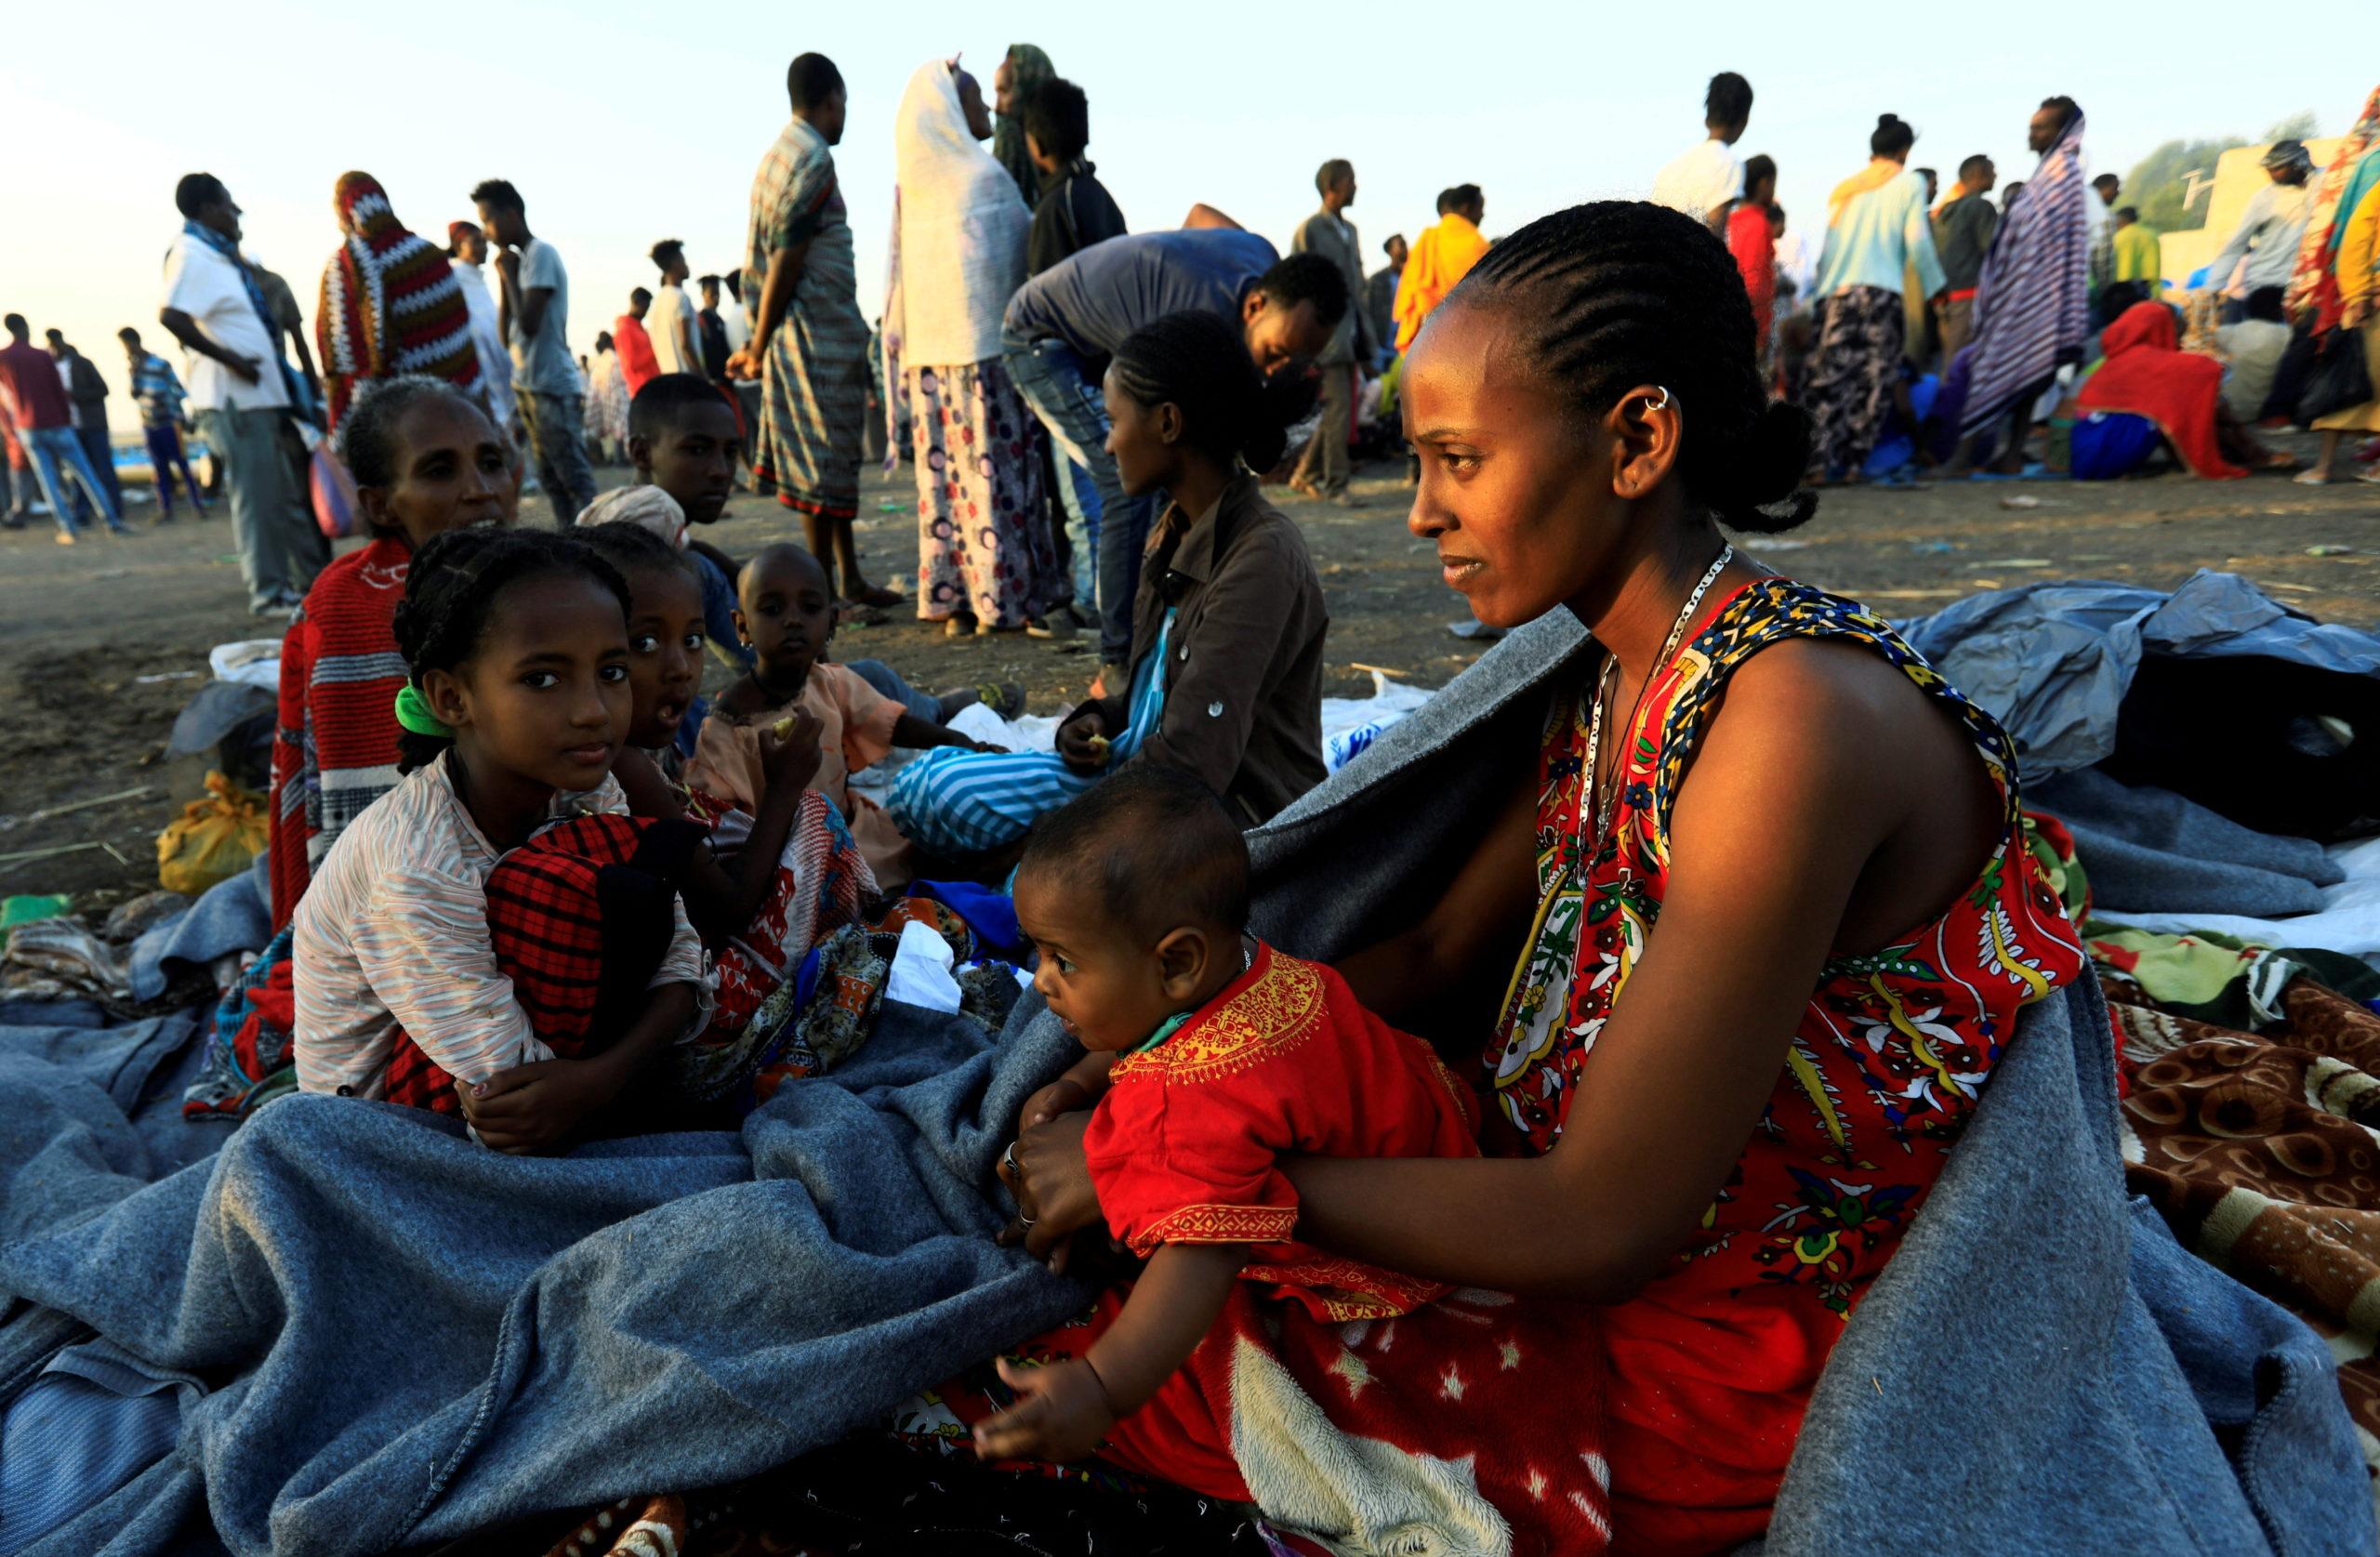 L'Onu appelle à protéger les civils après l'ultimatum éthiopien pour le Tigré